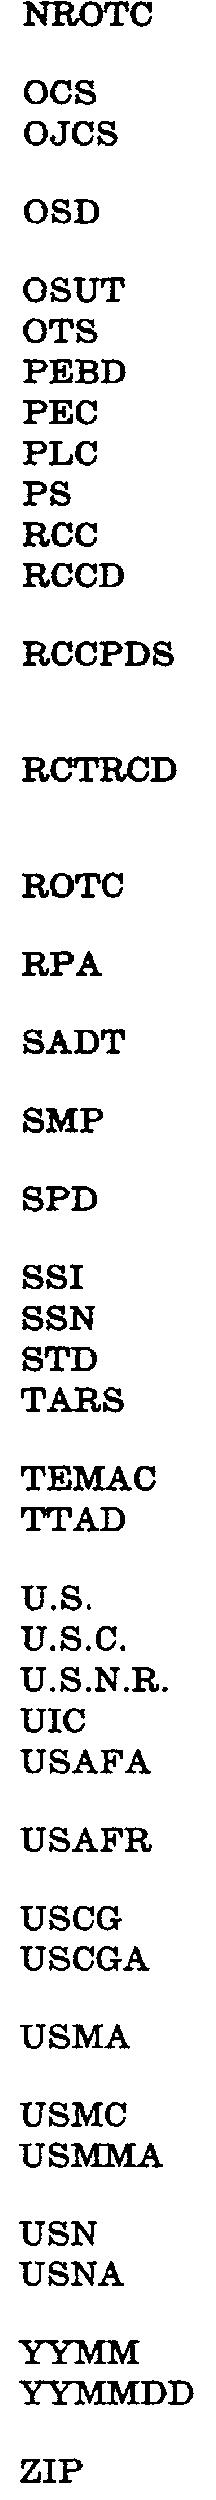 [merged small][ocr errors][merged small][merged small][merged small][merged small][ocr errors][ocr errors][merged small][merged small][ocr errors][ocr errors][merged small]